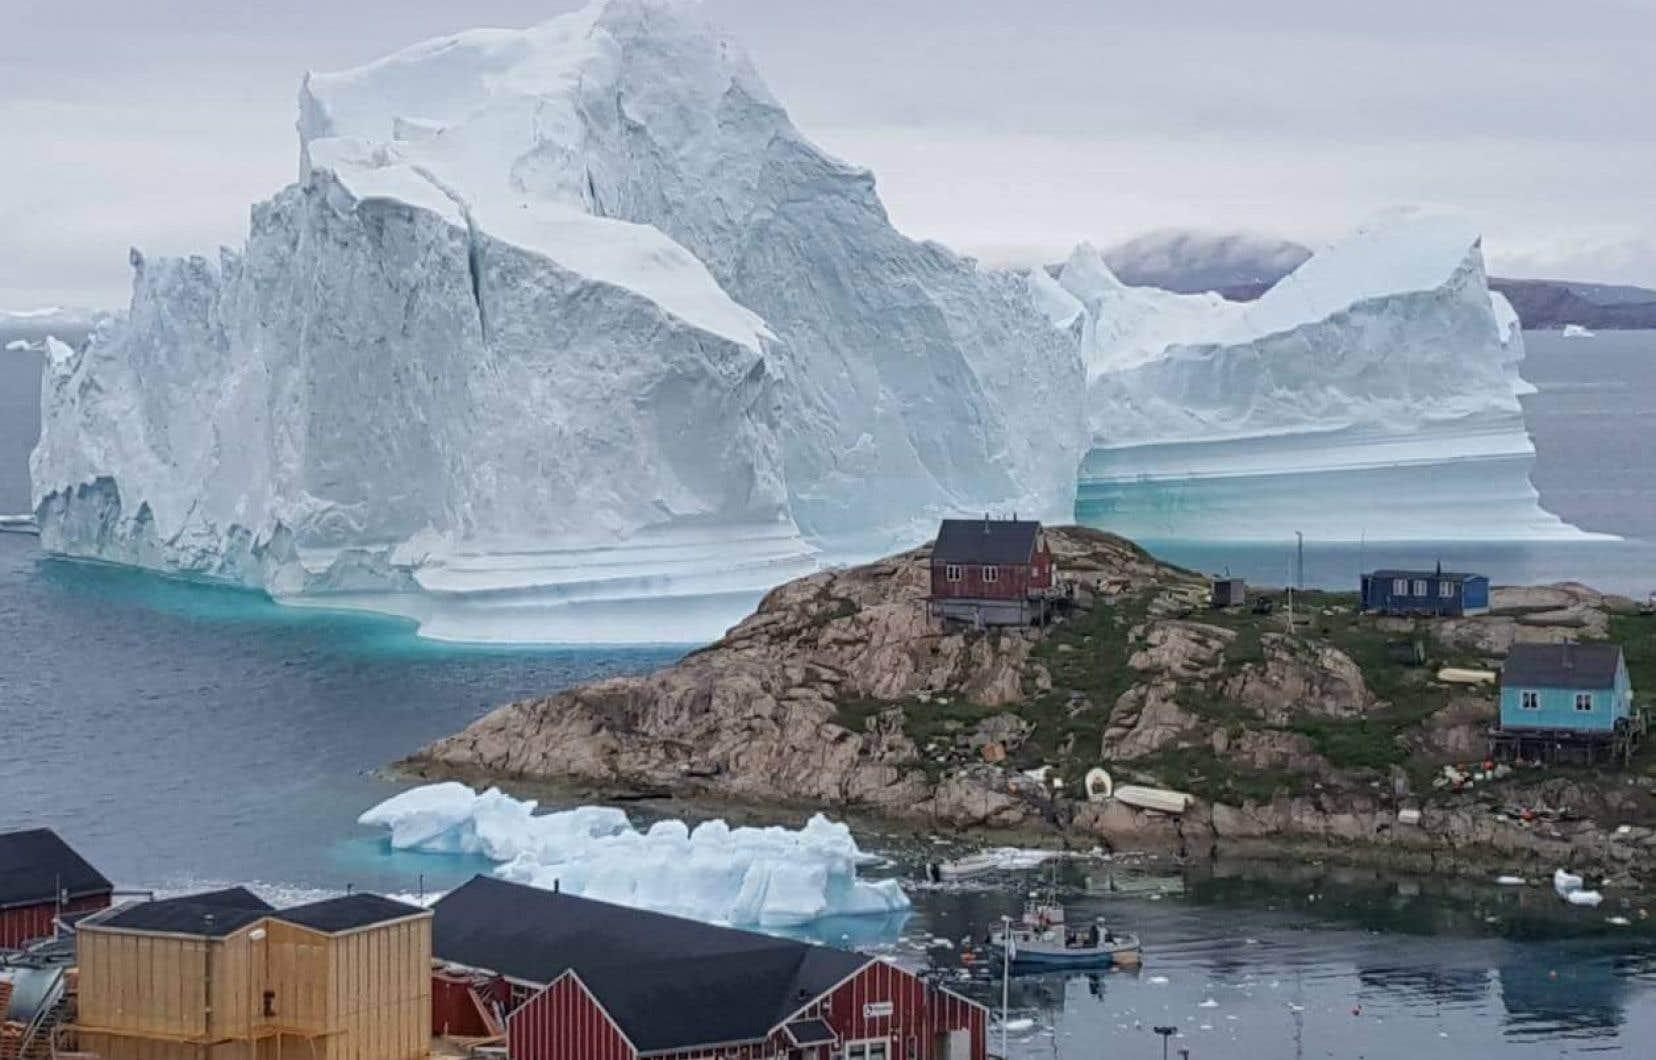 Le Britannique a fait escale aux Shetland, au Groenland (notre photo), ainsi qu'au Canada, en Alaska, en Sibérie, en Finlande, en Suède et en Norvège.